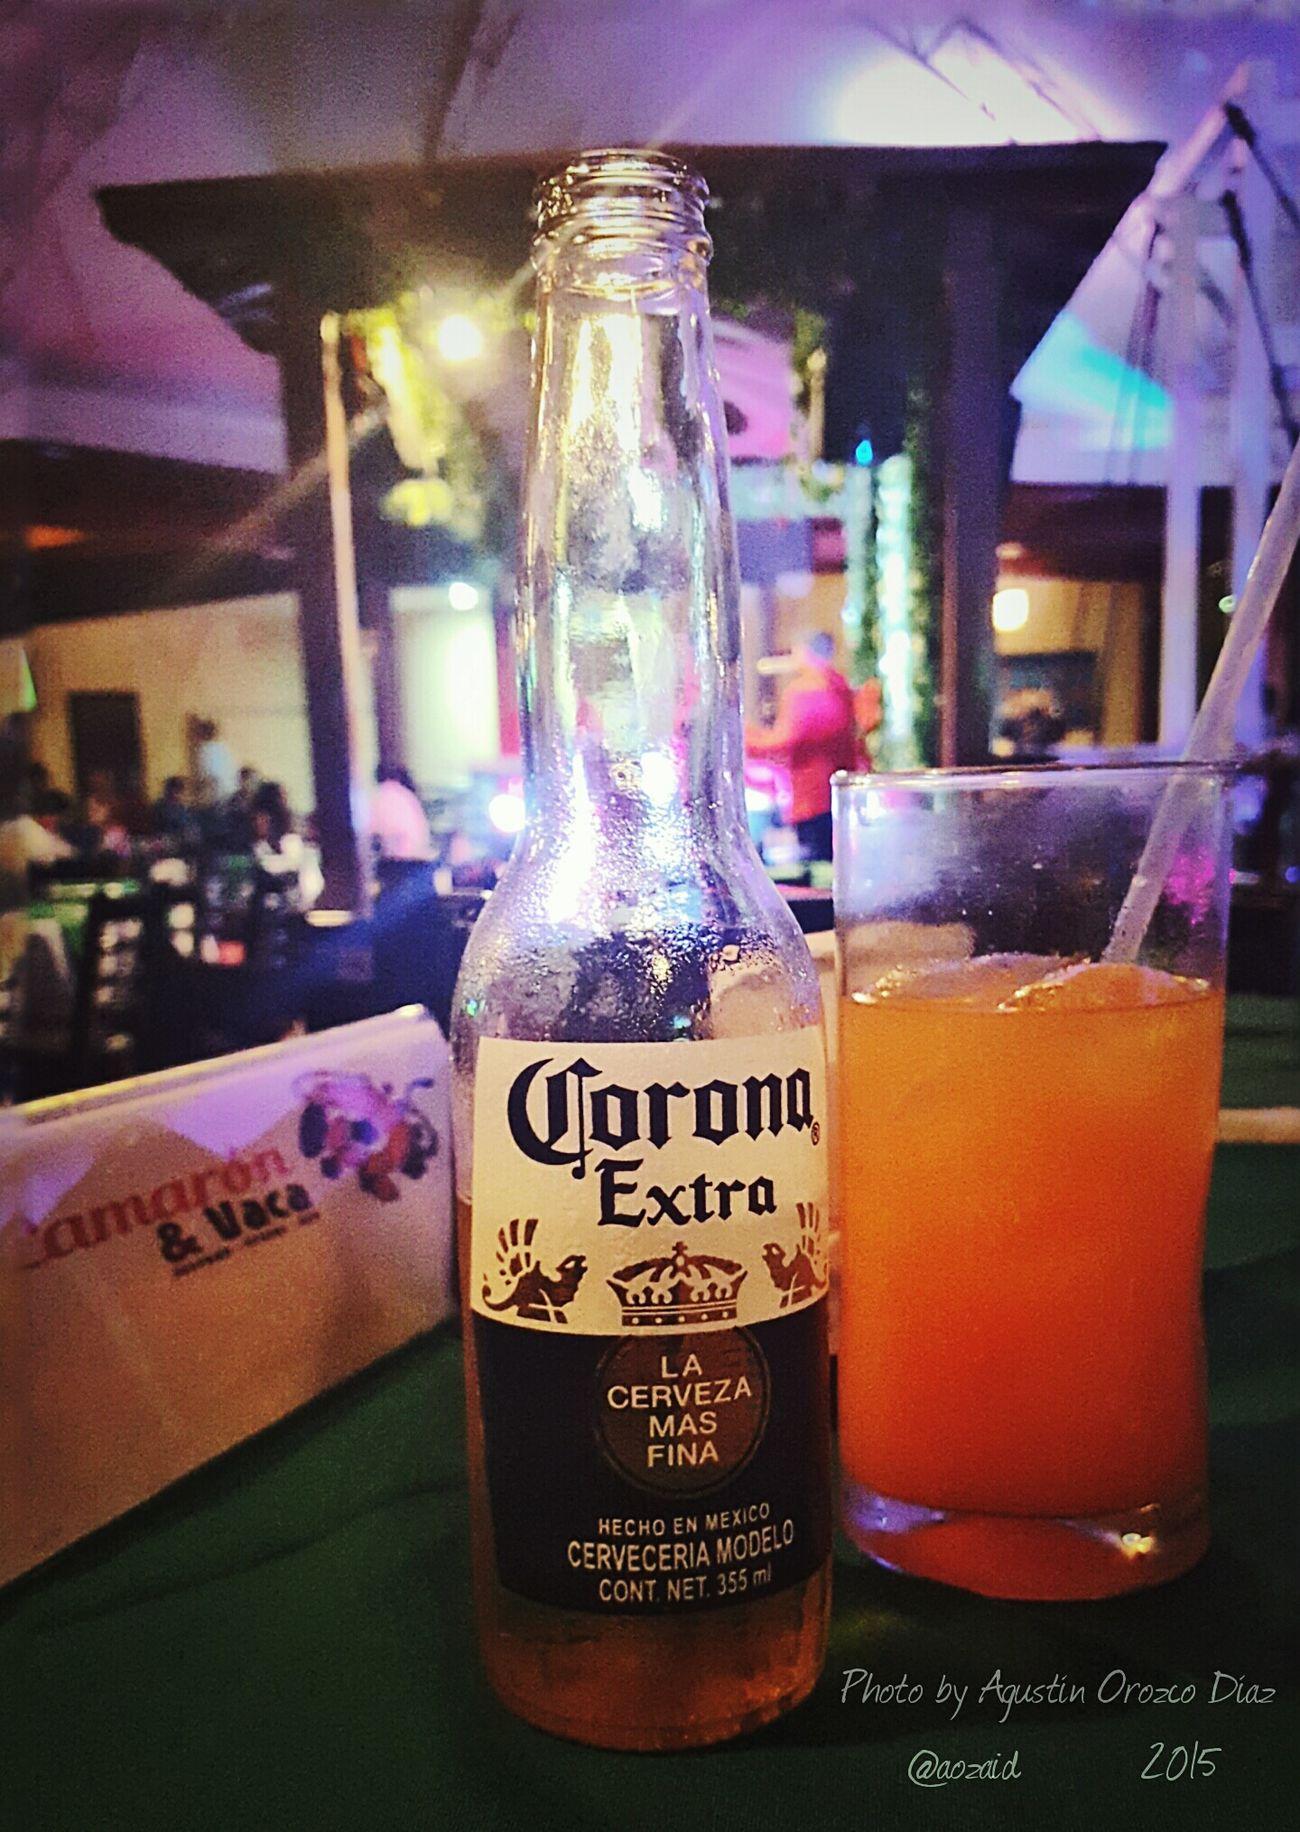 Disfrutando de un sabadito con una Cerveza Corona en Camaron & Vaca Photo By Agustín Orozco Díaz - 2015